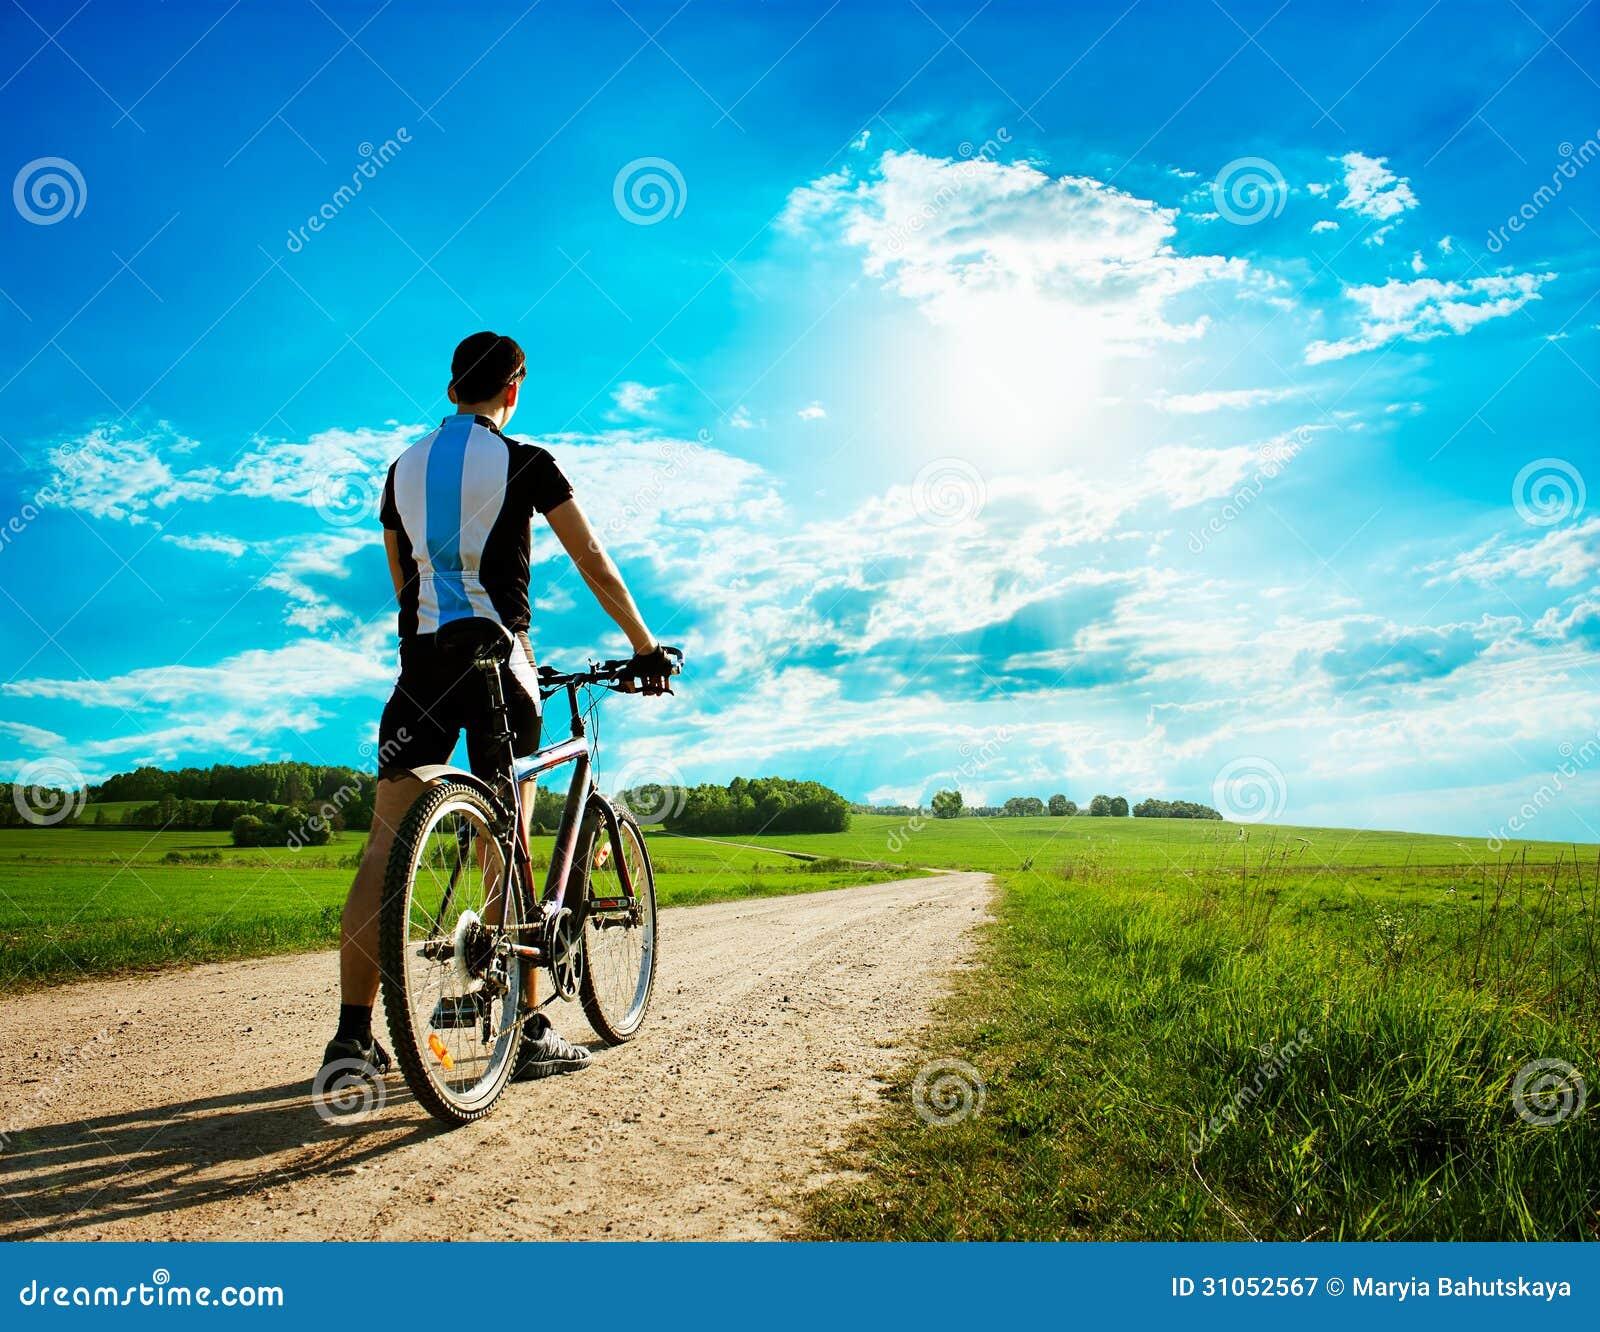 homem-com-uma-bicicleta-no-fundo-bonito-da-natureza-31052567.jpg